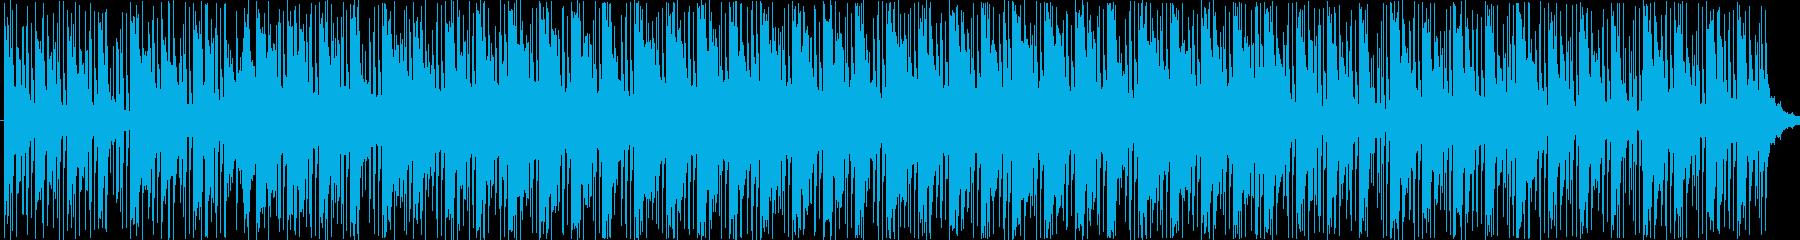 孤独感をイメージしたBGMの再生済みの波形